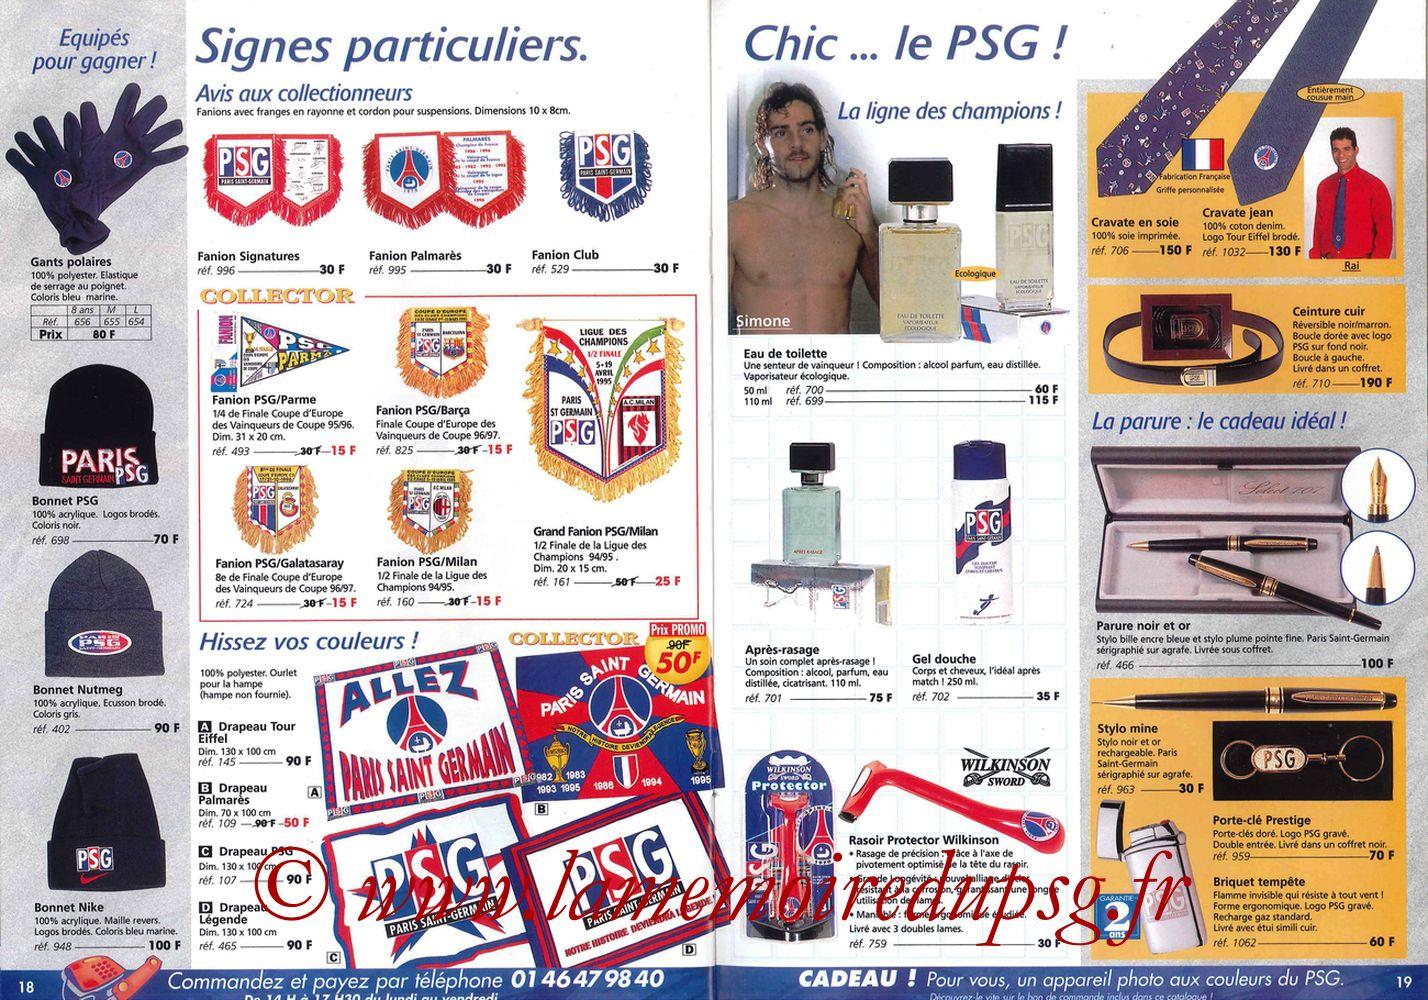 Catalogue PSG - 1997-98 - Pages 18 et 19